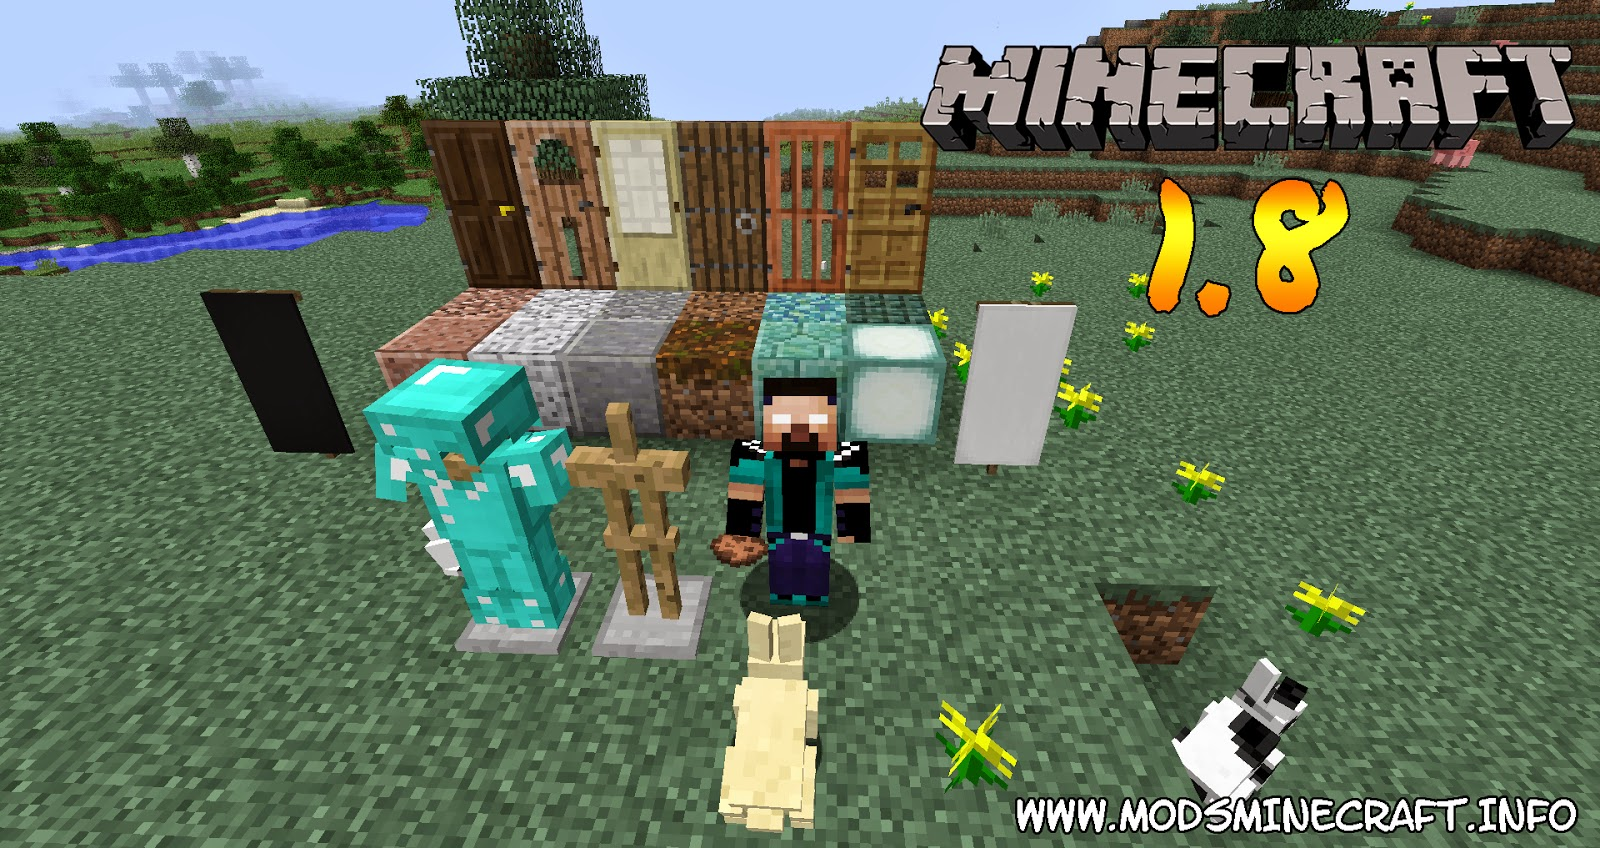 Nueva versión de Minecraft 1.8, Actualización Generosa, descargar minecraft, descargar minecraft 1.8, download minecraft 1.8, actualización minecraft, que tiene la nueva actualización de minecraft, minecraft actualización, actualizar a minecraft 1.8